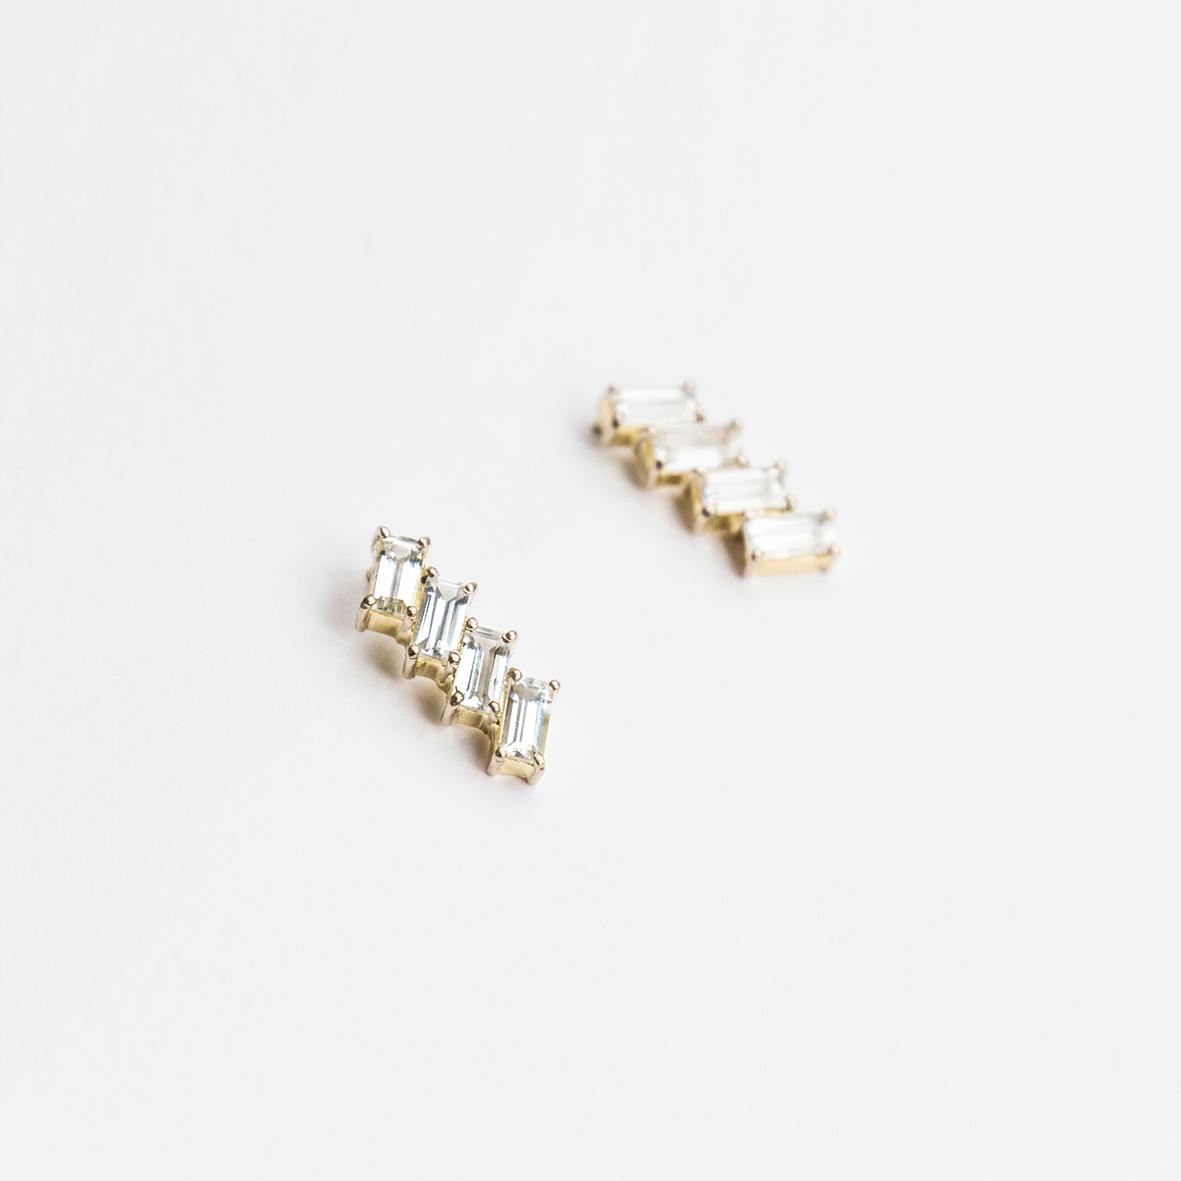 9. OONA_philo_principal_deco white sapphire earrings